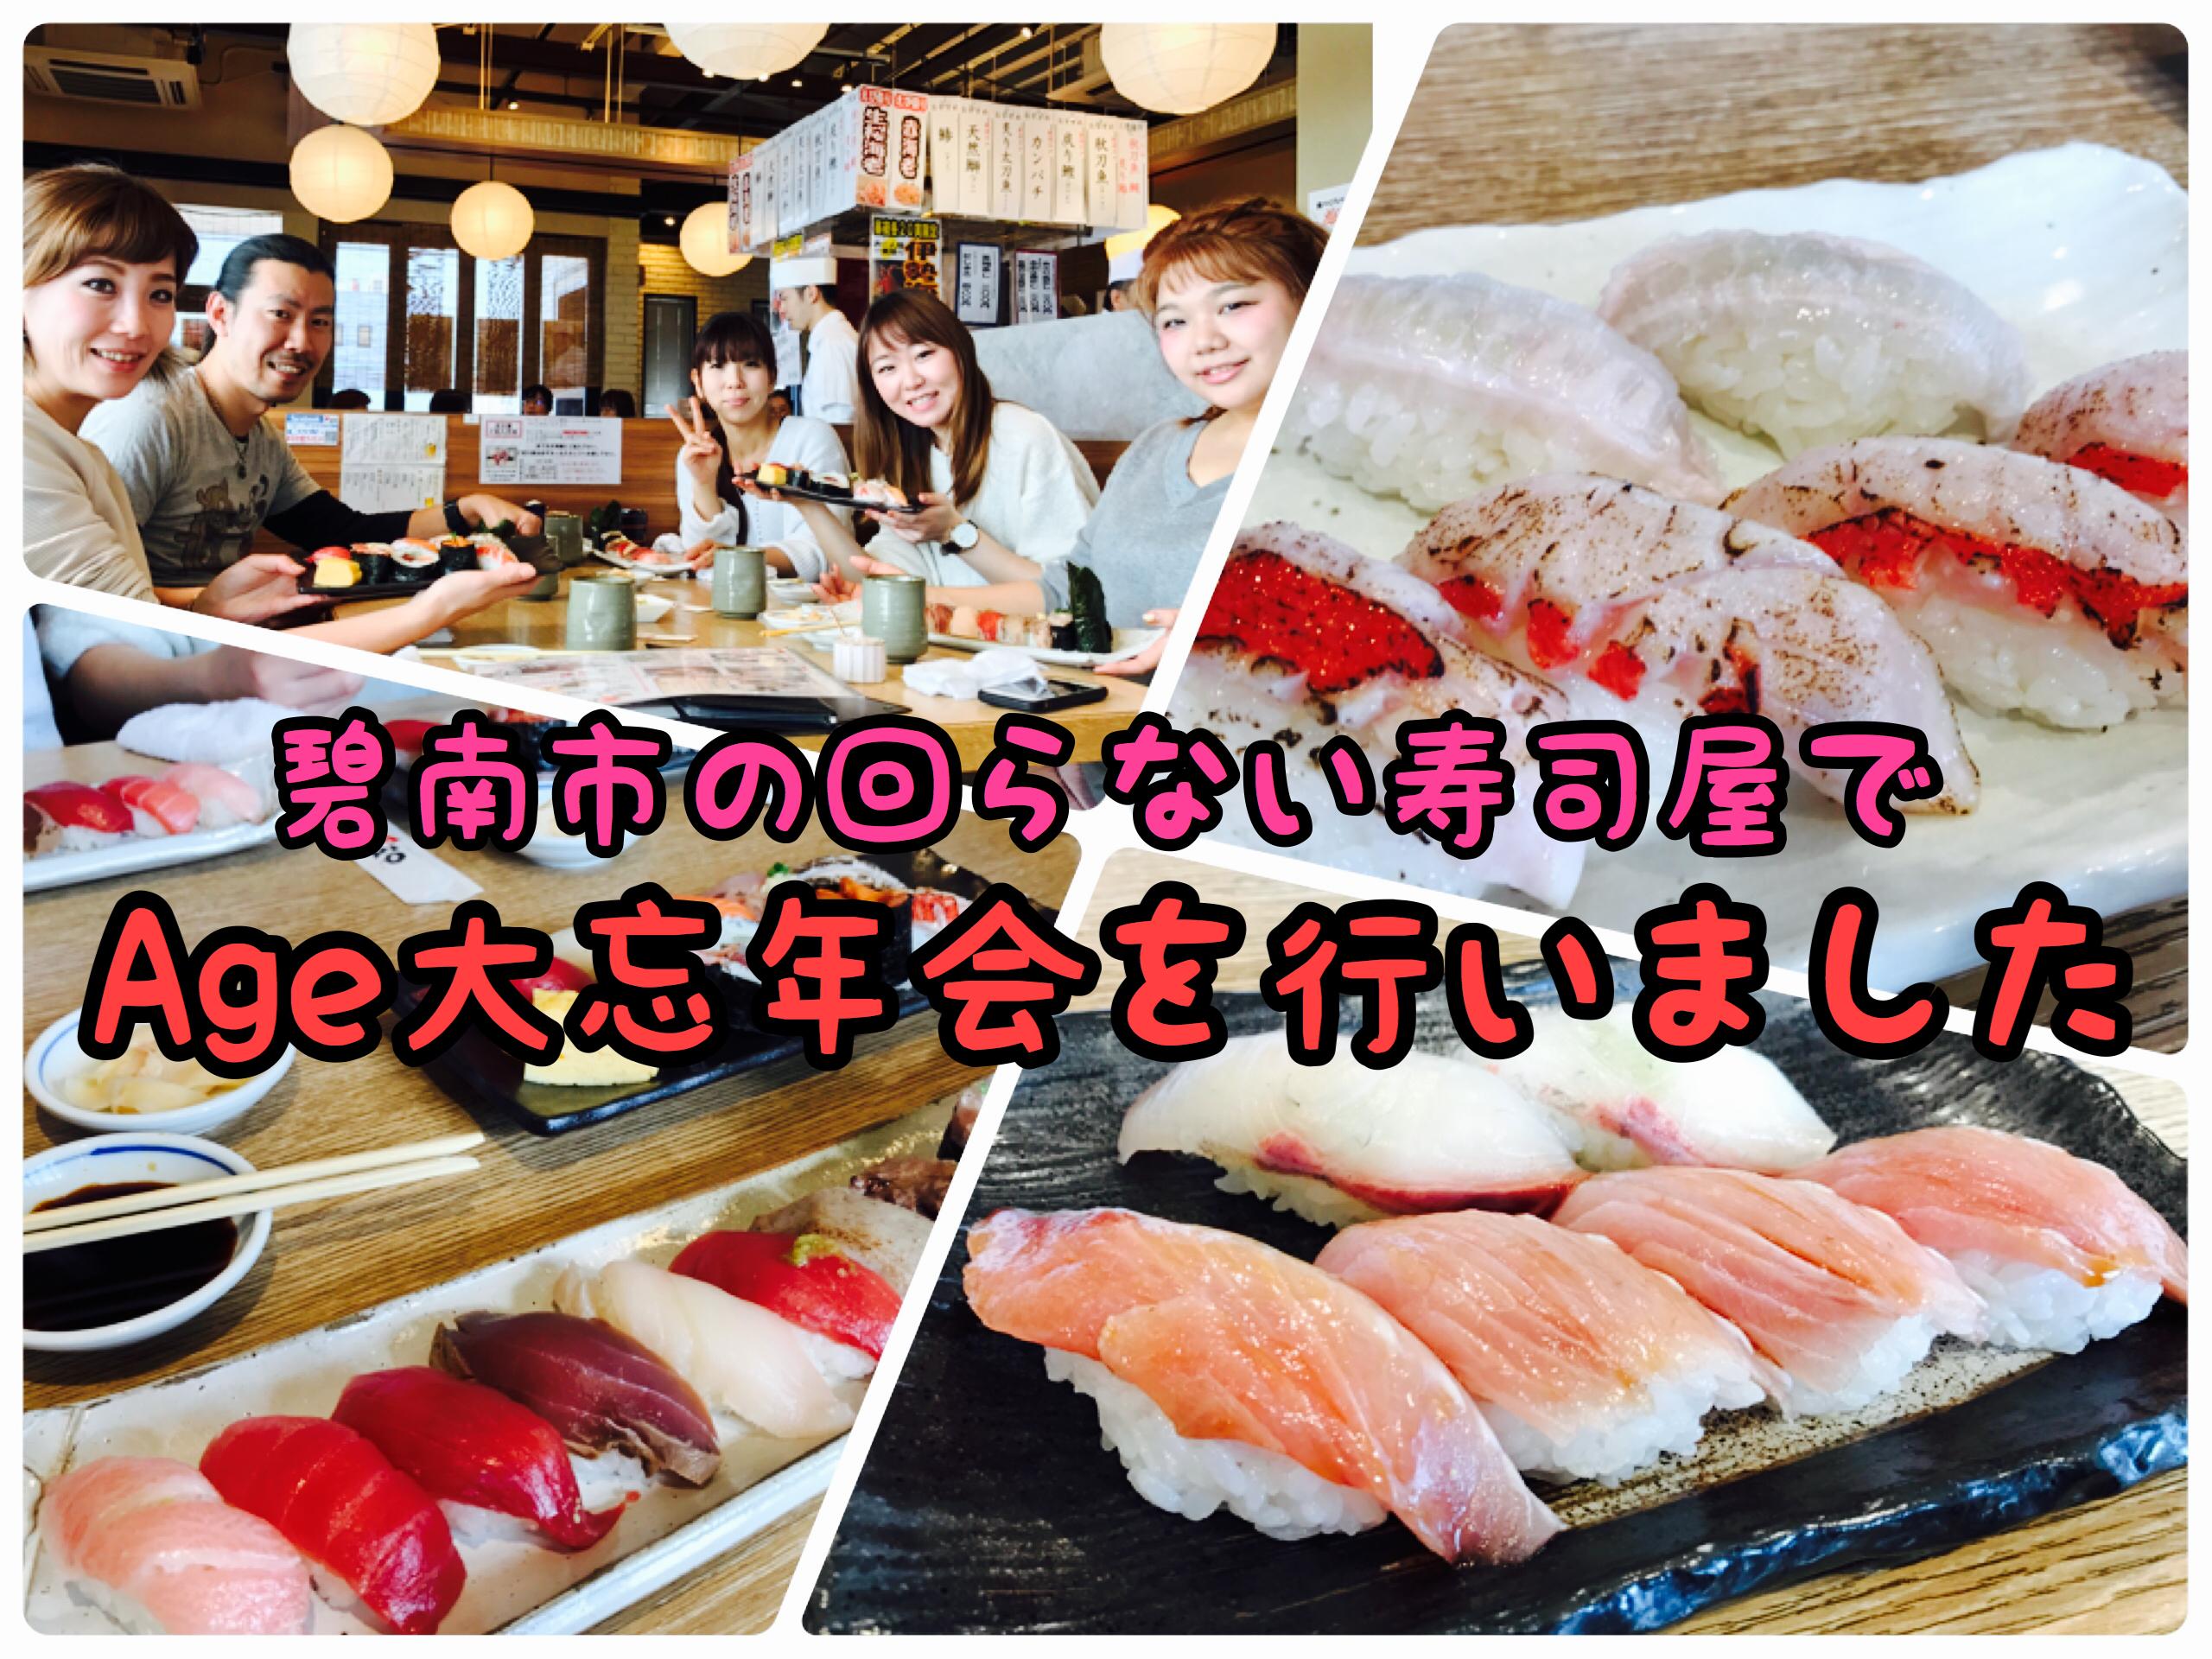 【忘年会】一足早く回らない寿司屋でアージュ忘年会をしてきました